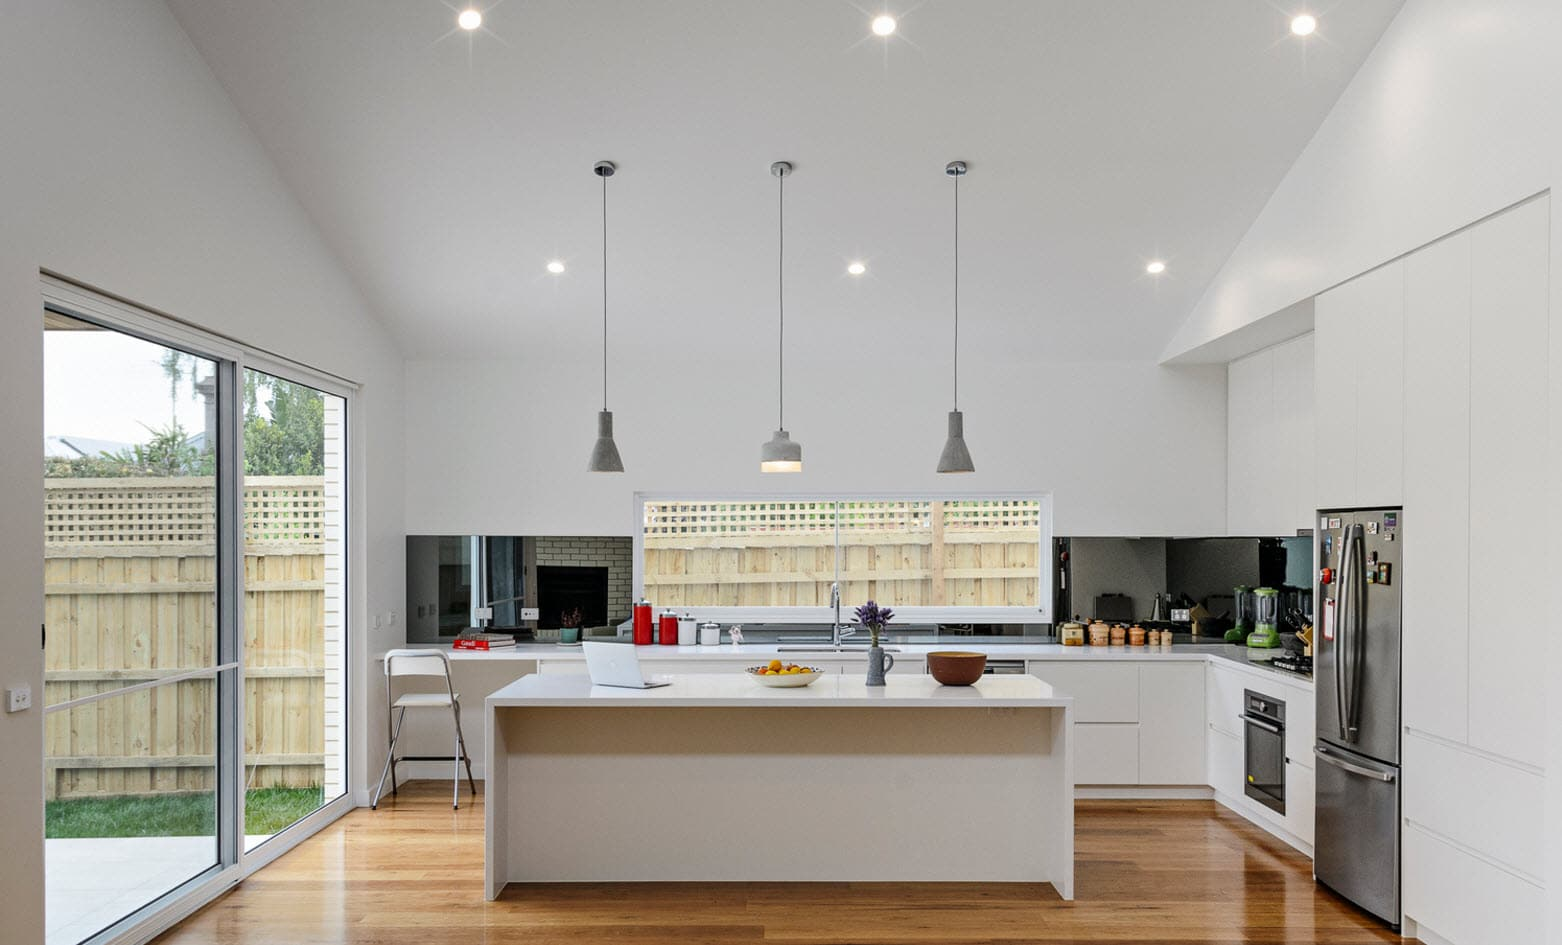 Dise o de casa moderna de un piso planos y fachadas for Terminaciones de techos interiores